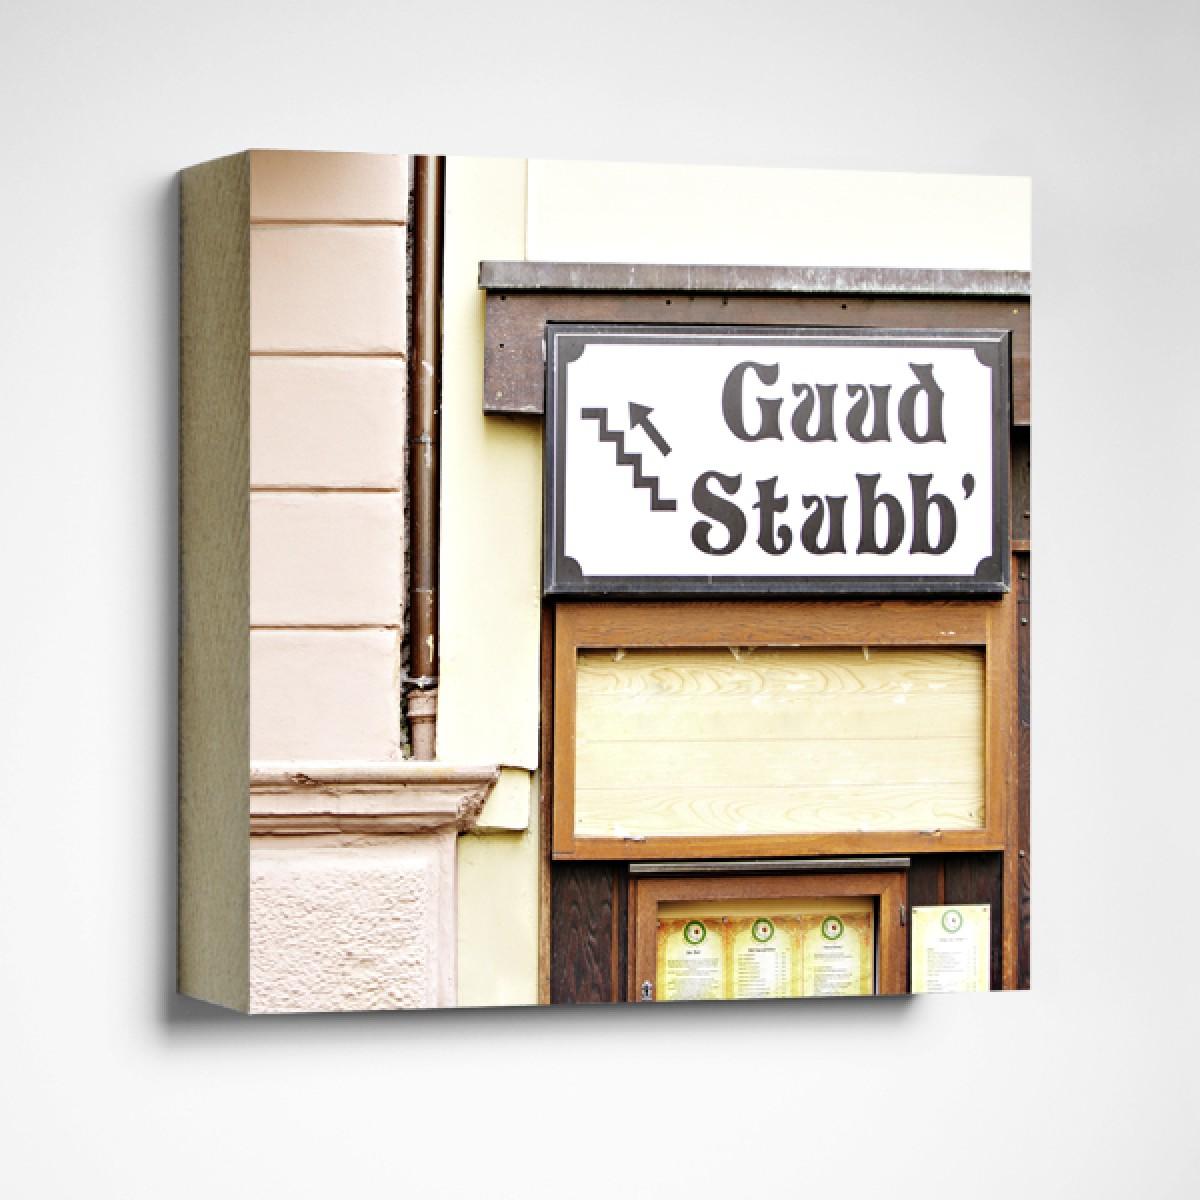 FrankfurterBubb Guud Stubb Foto-Kachel